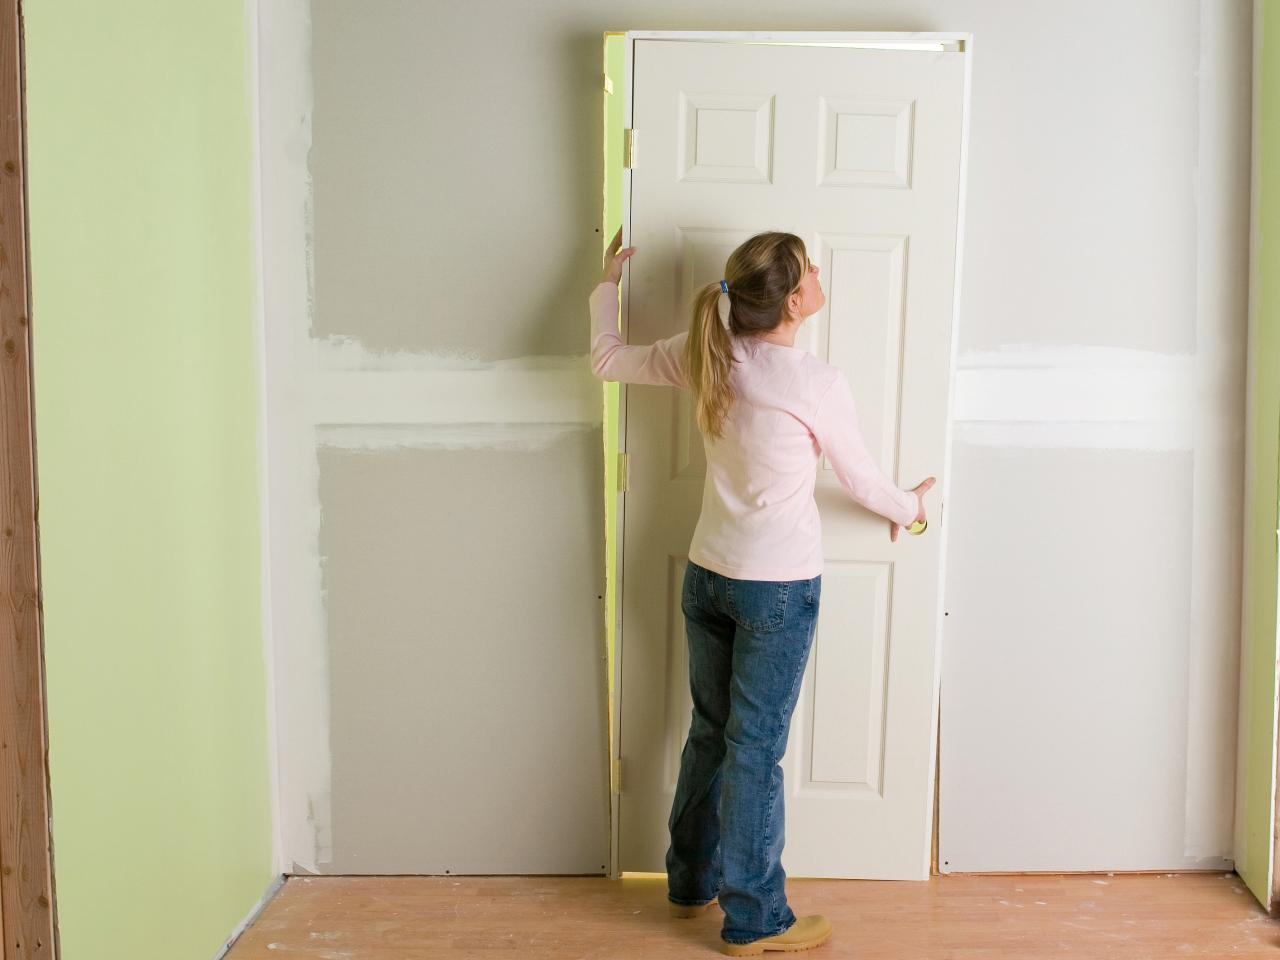 วงกบประตู บางกว่าผนัง ทำยังไงดี ตามมาดูวิธีแก้และติดตั้ง